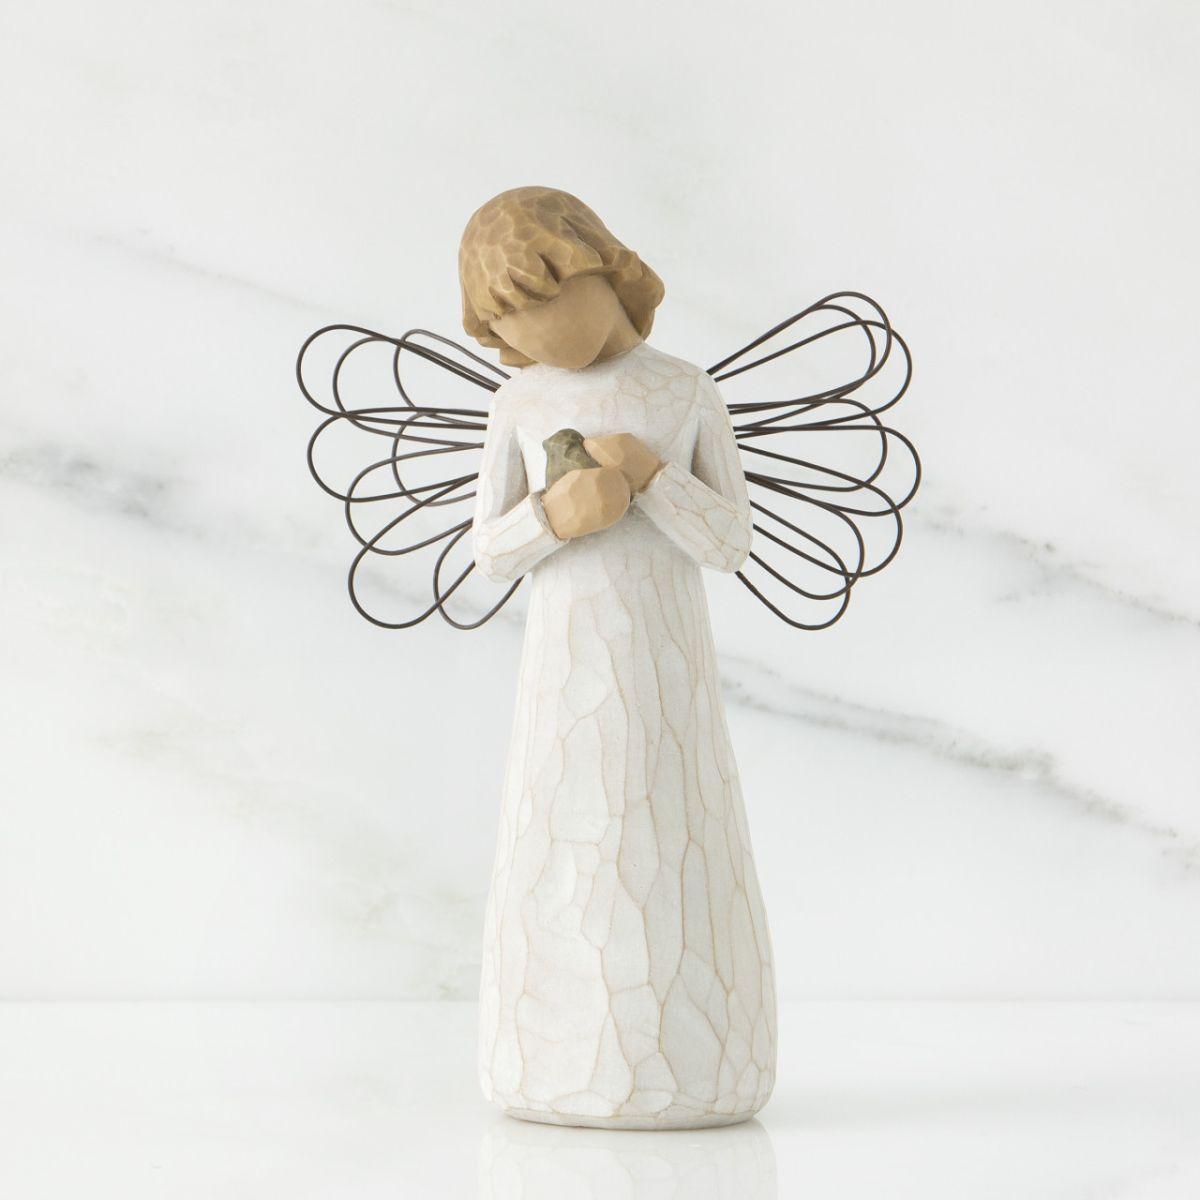 ウィローツリー天使像 【Angel of Healing】 - 癒し